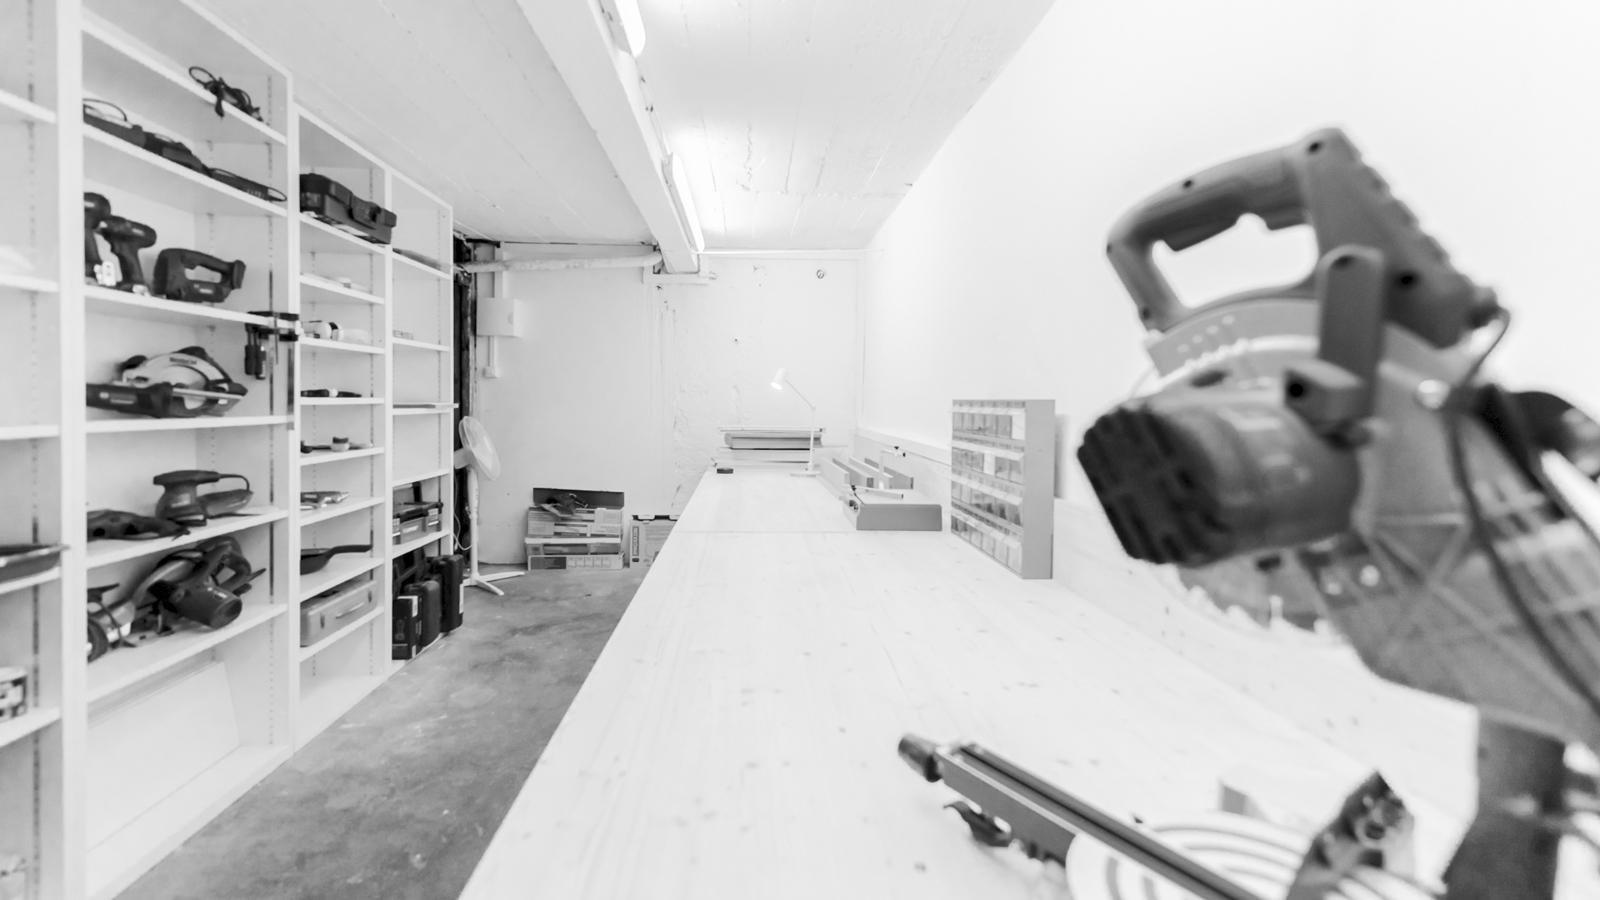 CSDK Architectes Atelier Maquette 1 - Atelier de maquettes - CSDK Architectes Atelier Maquette 1